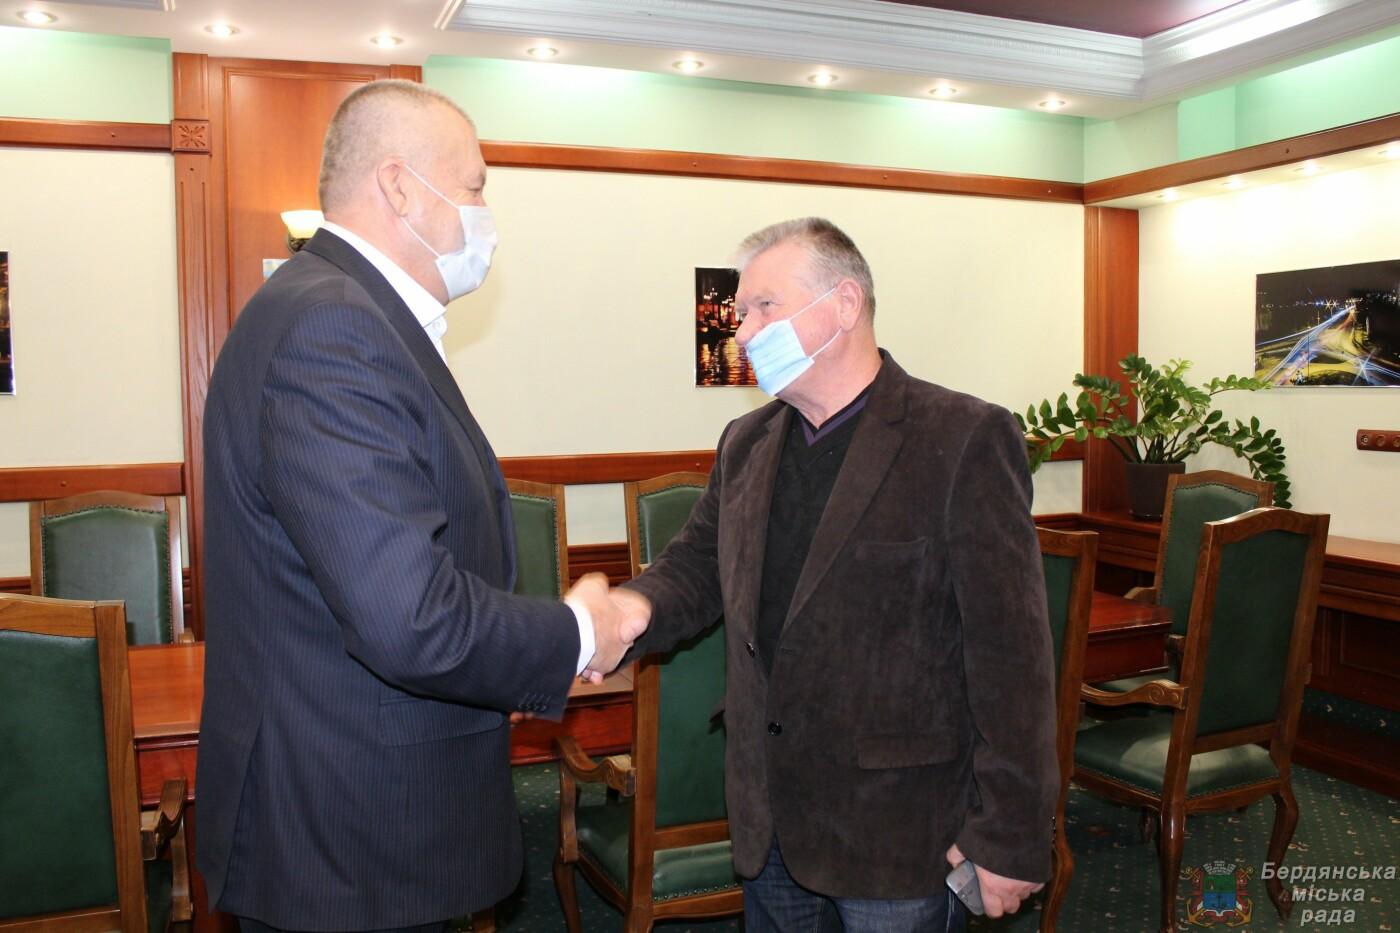 Рабочая встреча городского головы Бердянска с новым руководителем порта, фото-2